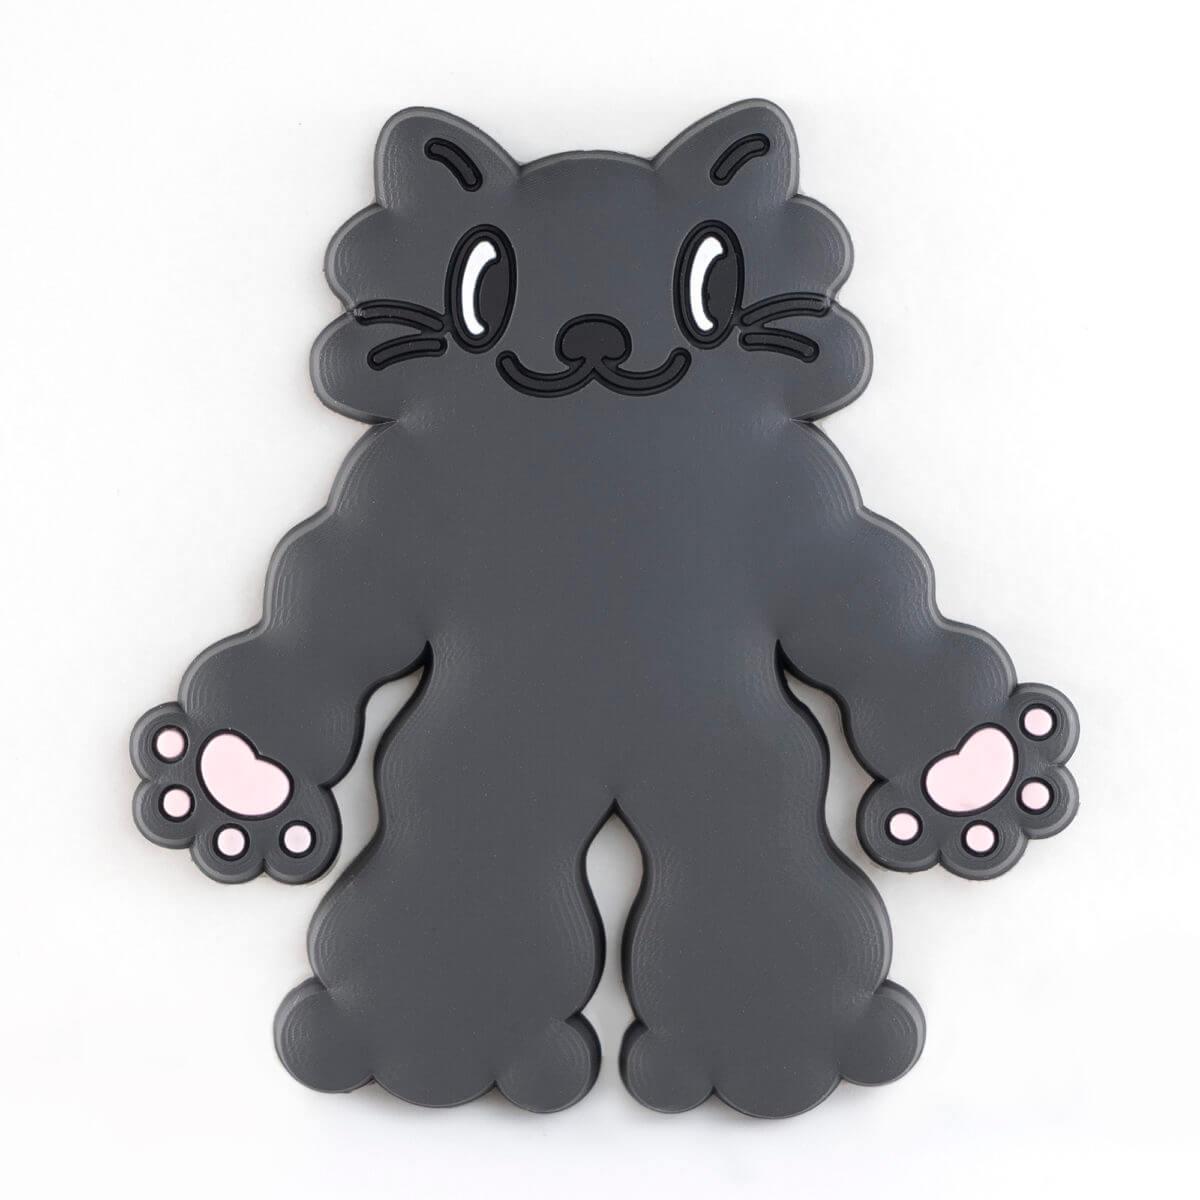 カプセルトイの猫型ラバーフック「PERAPERA CATS(ペラペラキャッツ)」もこもこ黒猫デザインバージョン